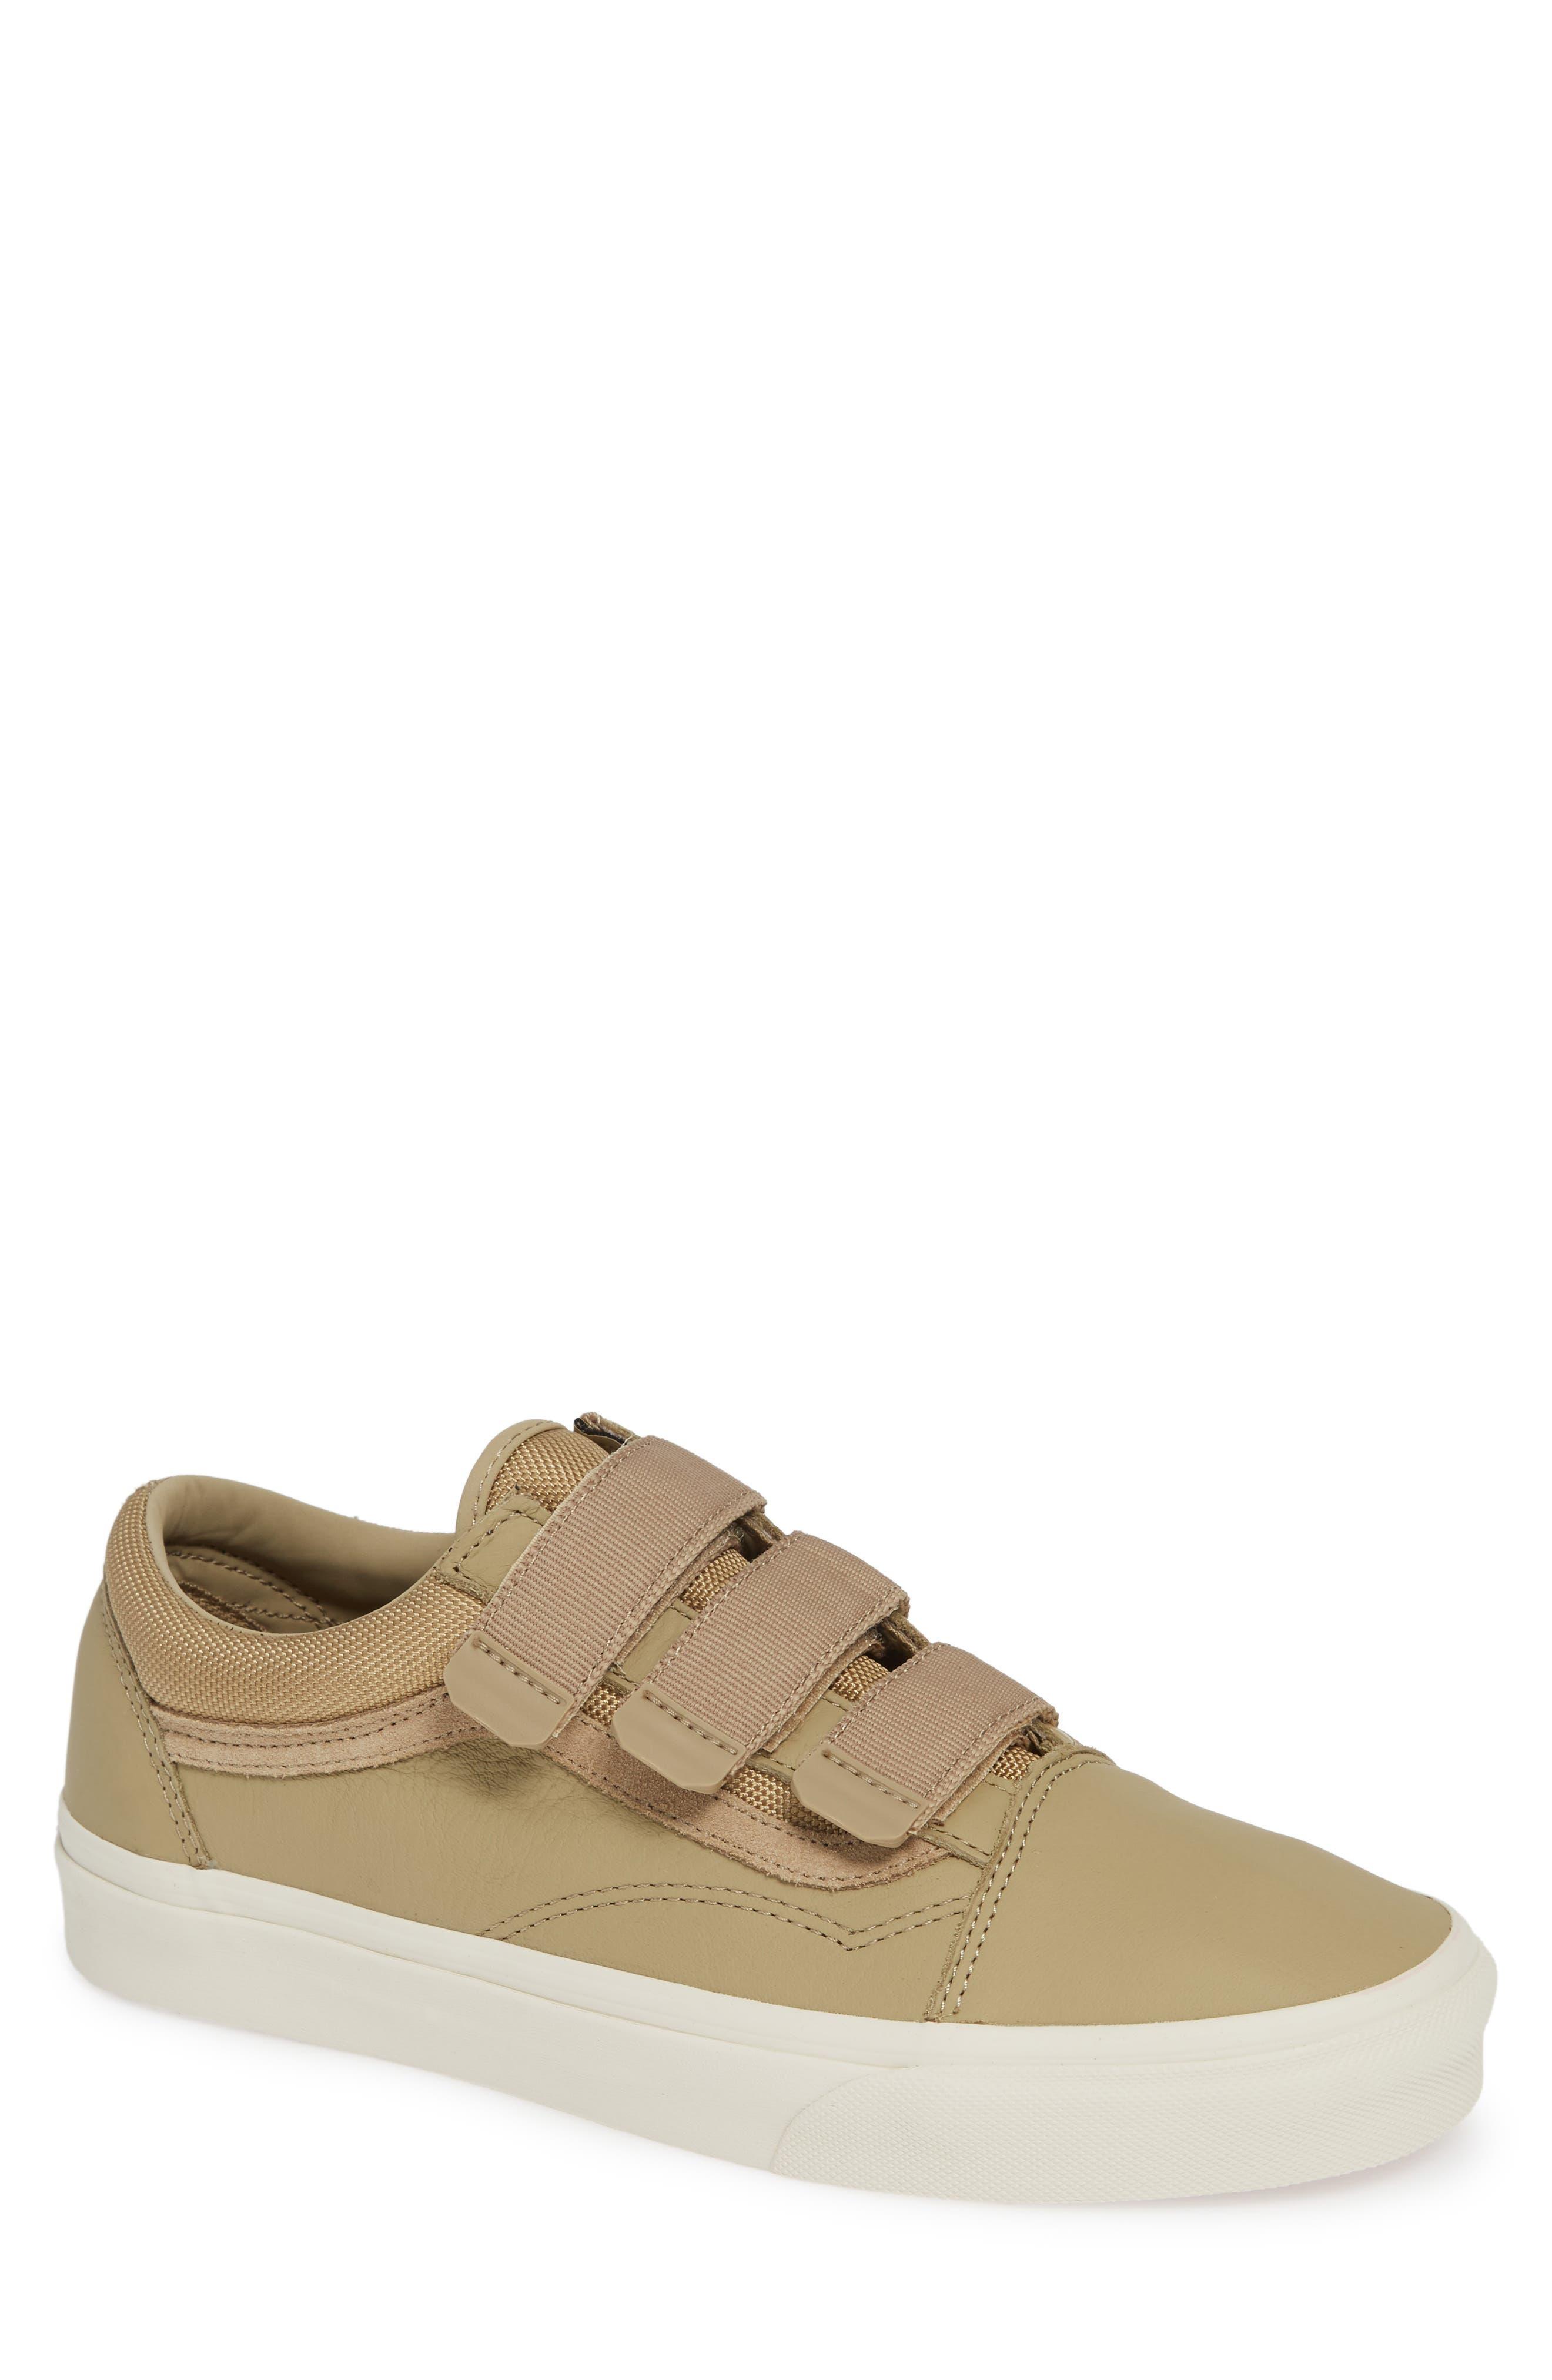 Old Skool V Sneaker,                         Main,                         color, 260